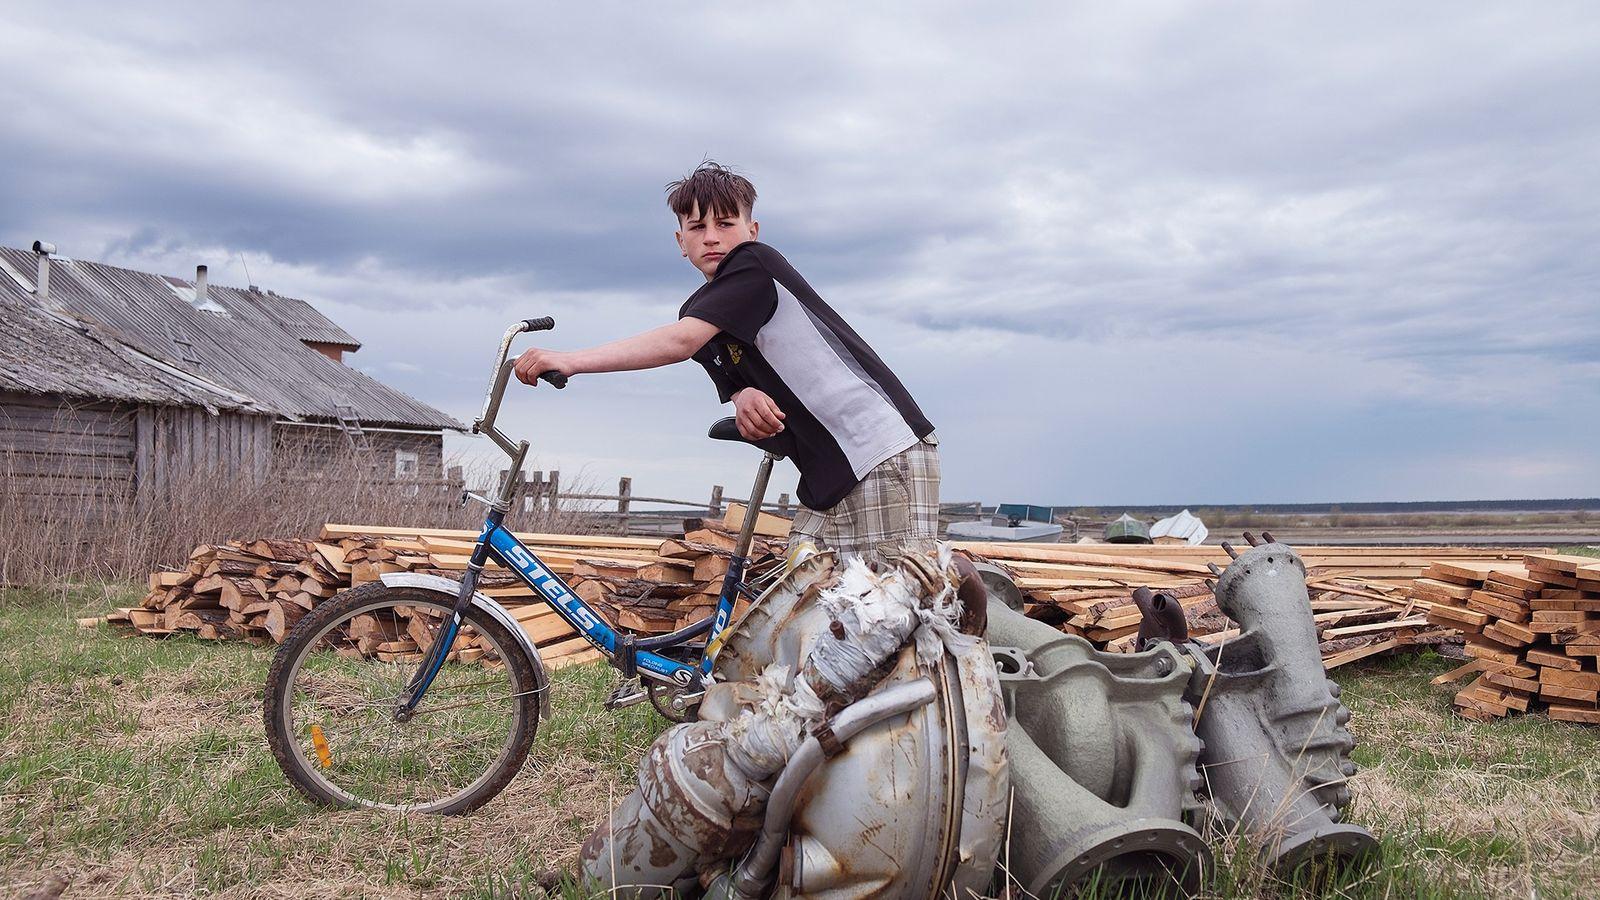 Un cohete en miniatura hace guardia cerca de la estación de ferrocarril de Plesetsk, un pueblo ...